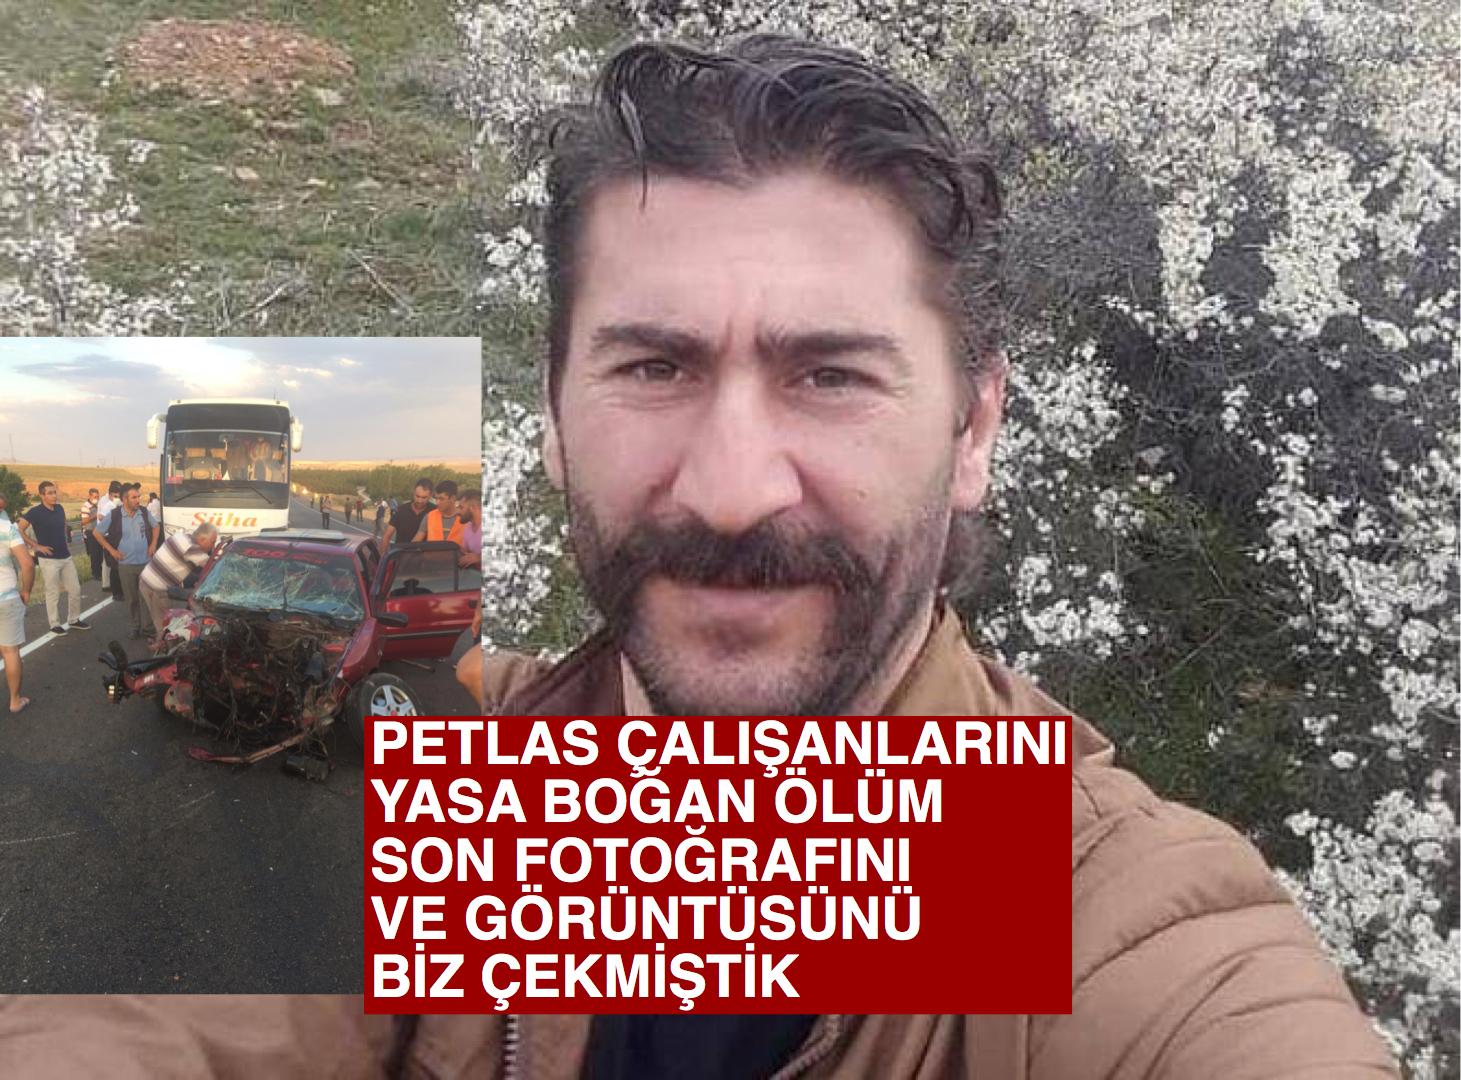 Petlas çalışanlarını yıkan ölüm